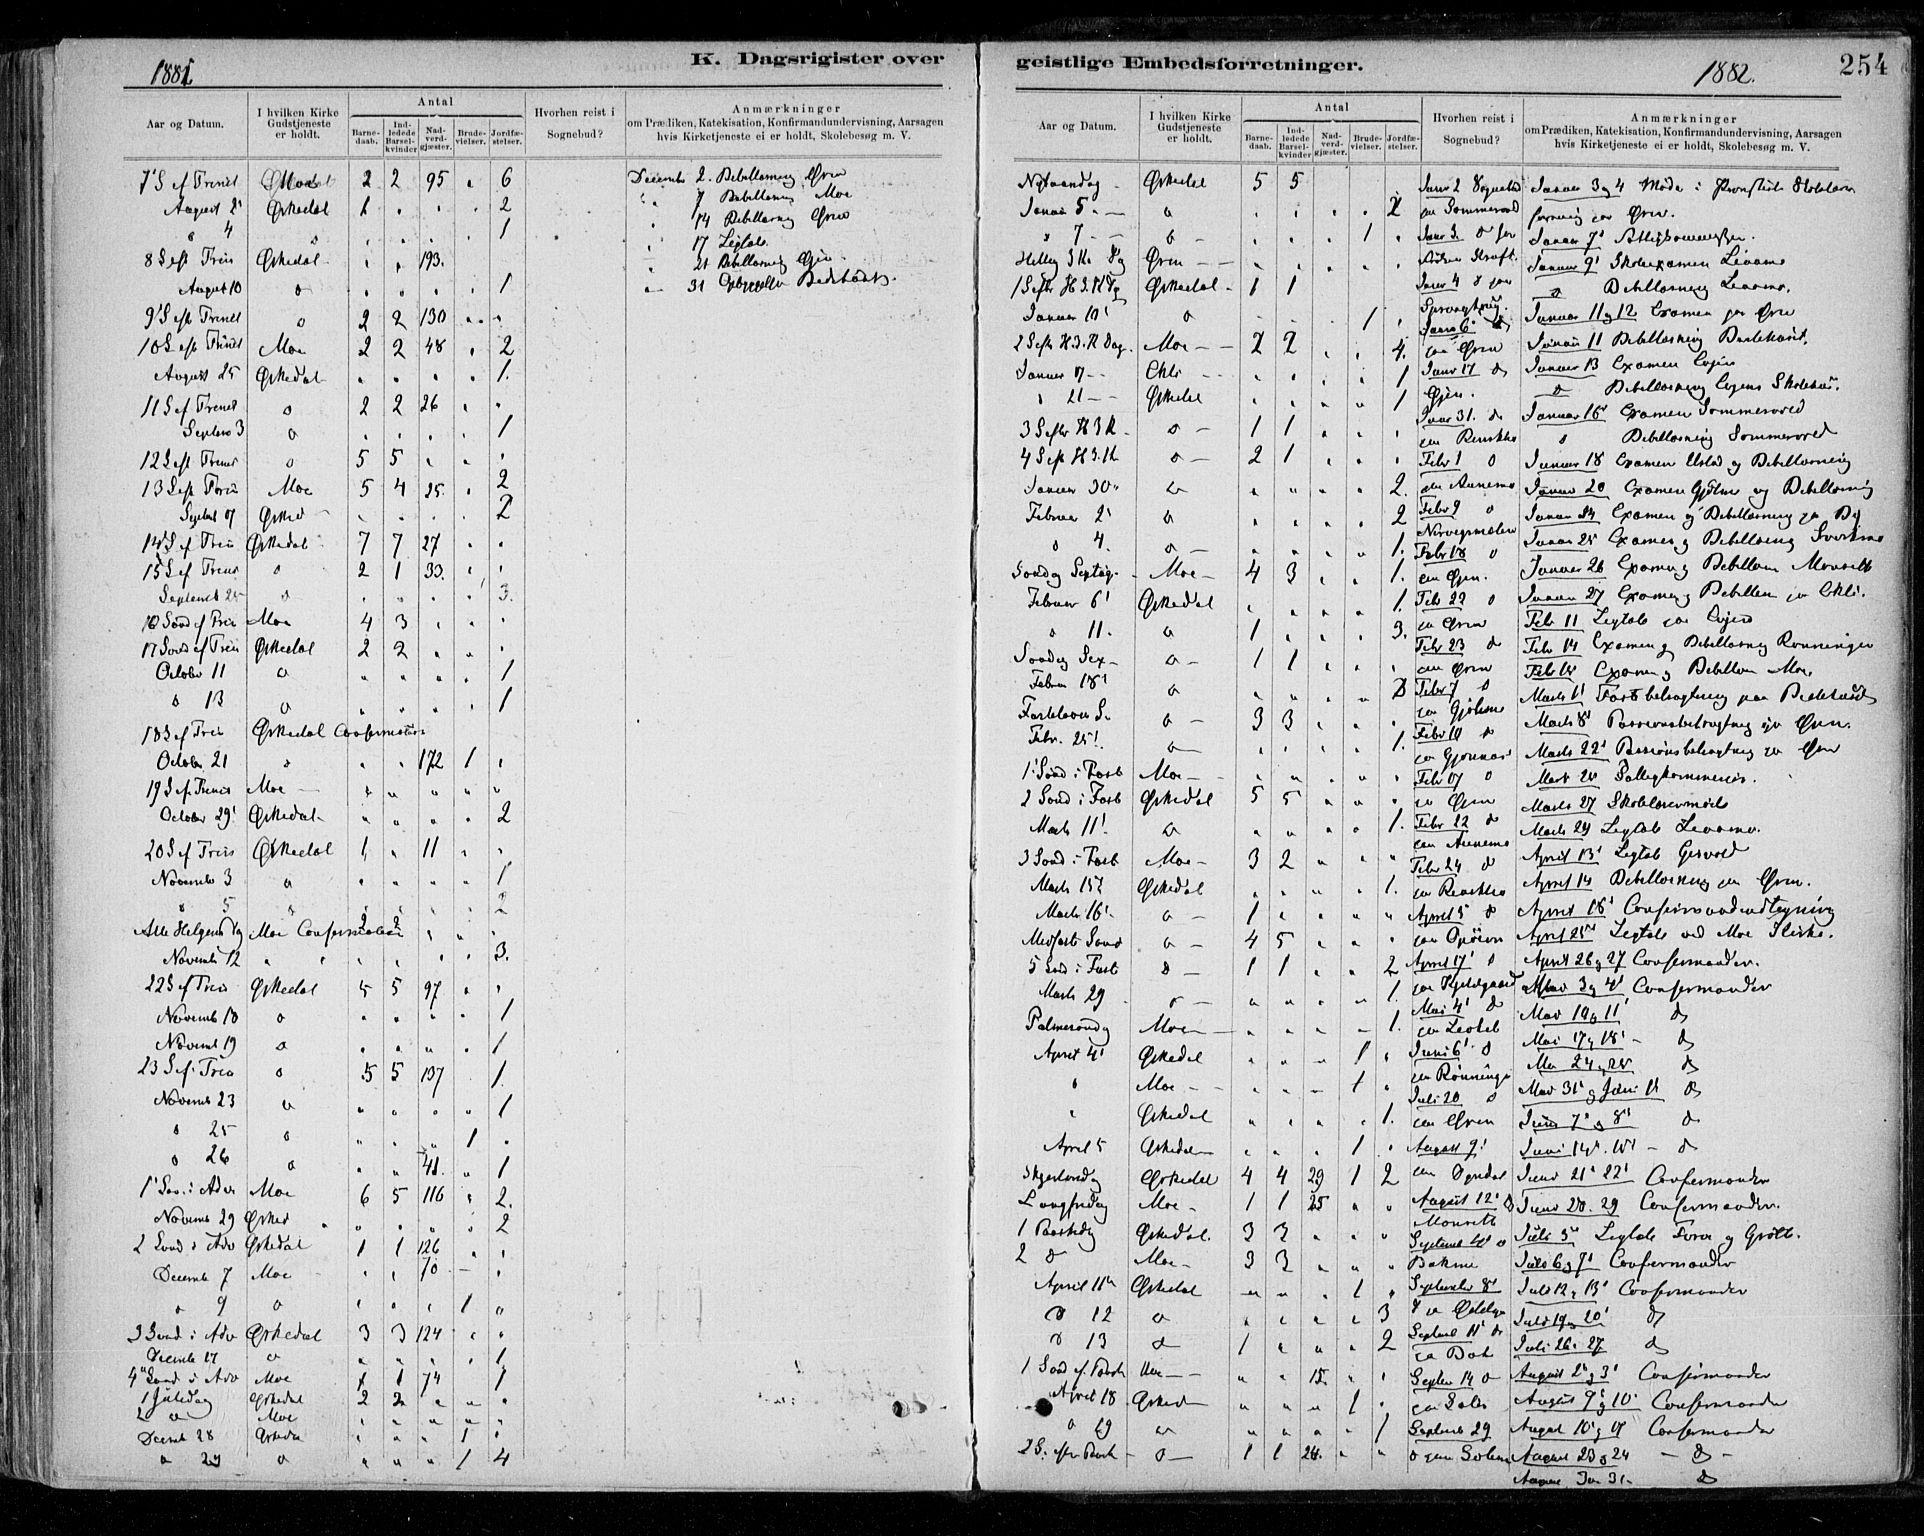 SAT, Ministerialprotokoller, klokkerbøker og fødselsregistre - Sør-Trøndelag, 668/L0810: Ministerialbok nr. 668A10, 1881-1894, s. 254